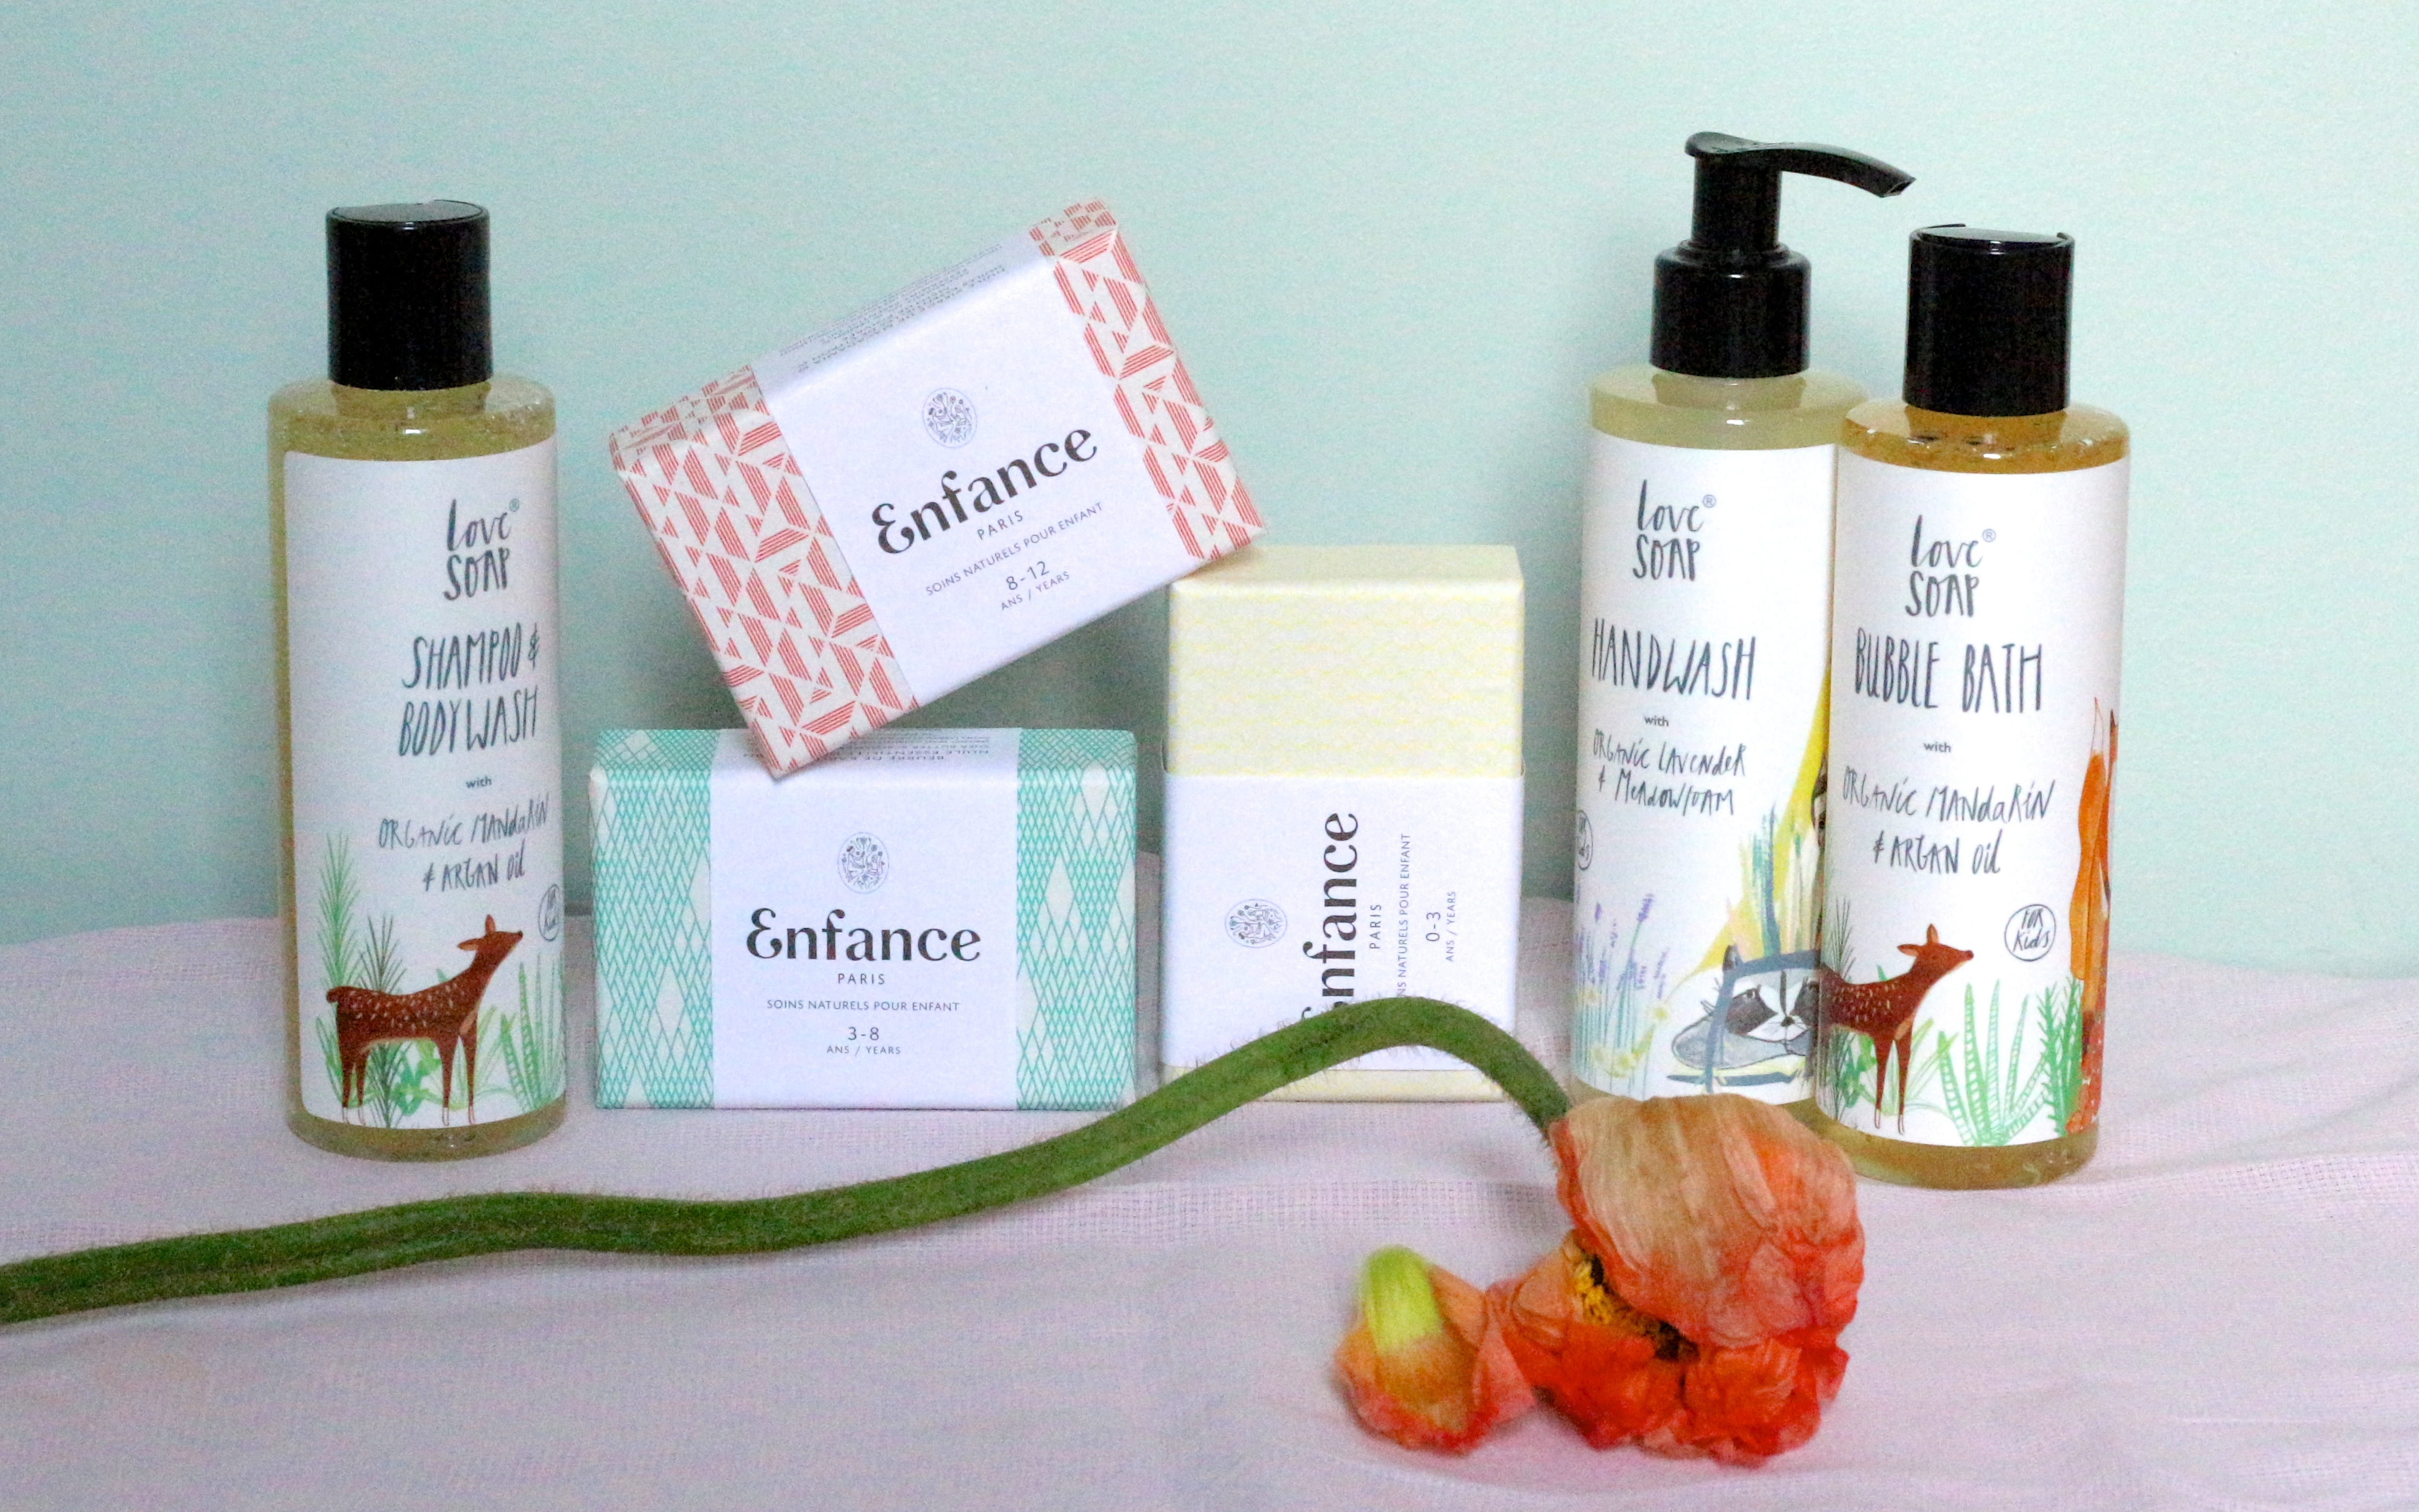 Love Soap, Enfance Paris, Sweet Cabane